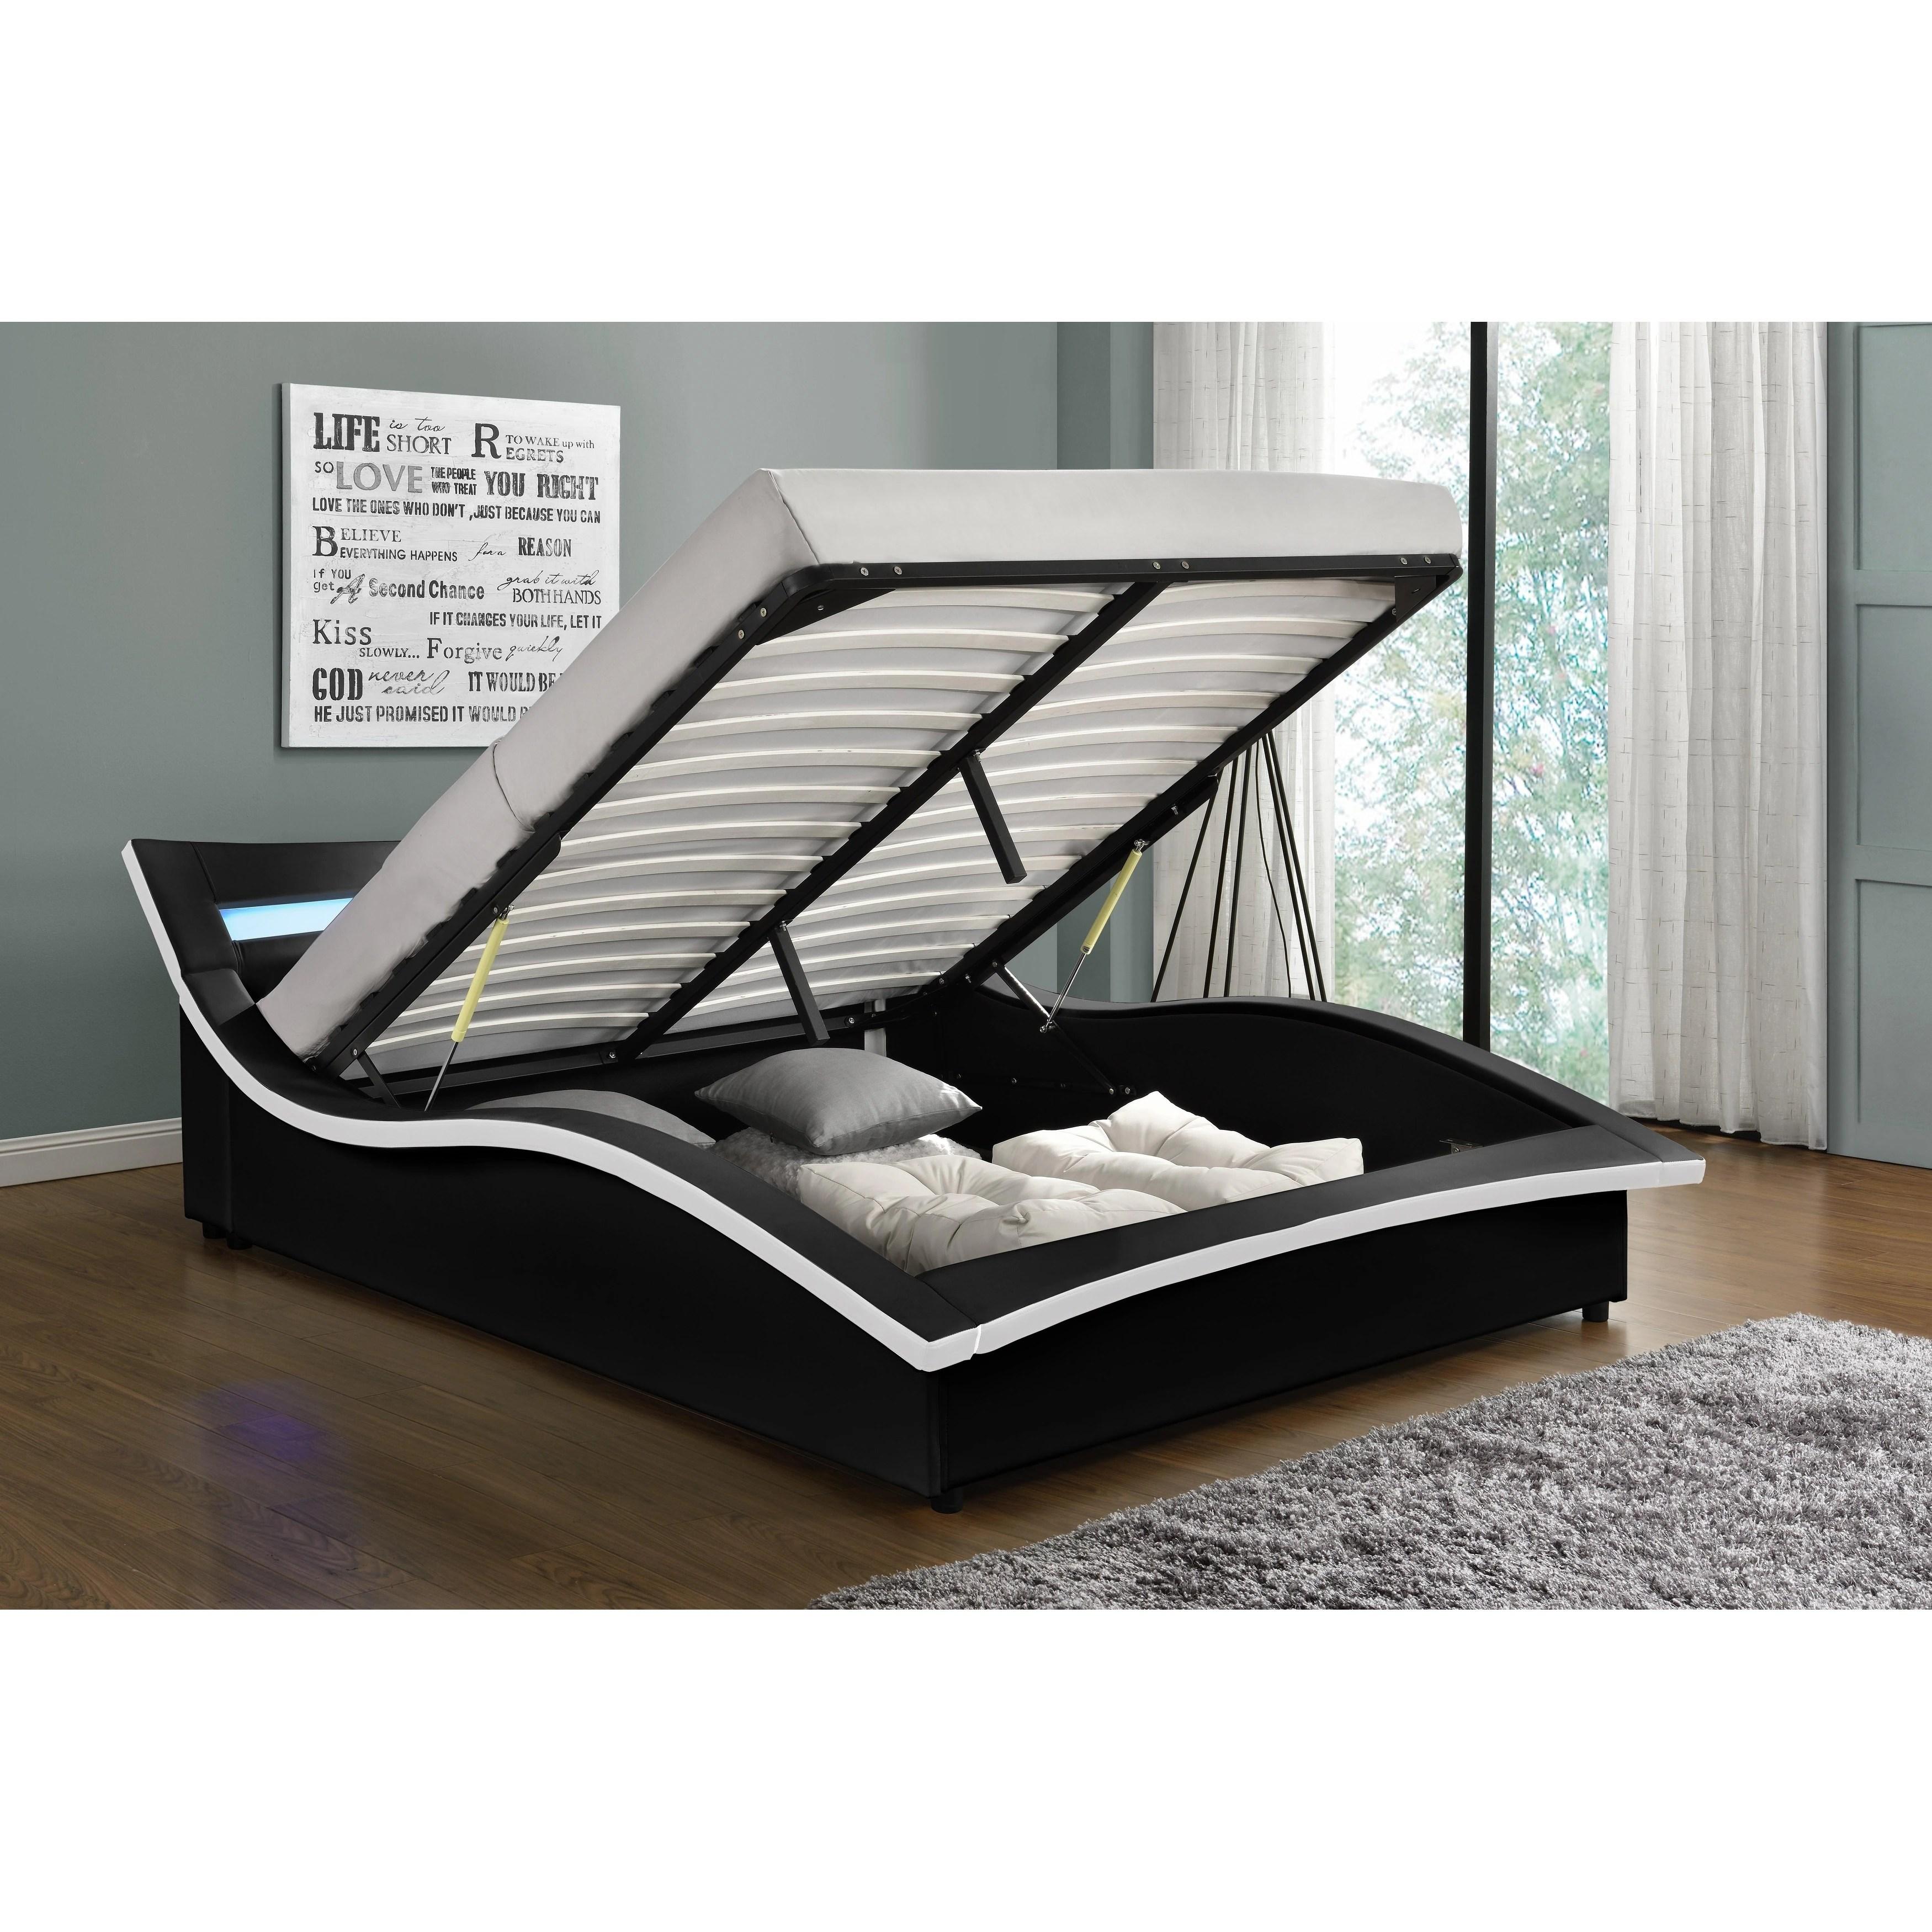 Hayton Upholstered Led Platform Bed Overstock 29913892 California King Black White